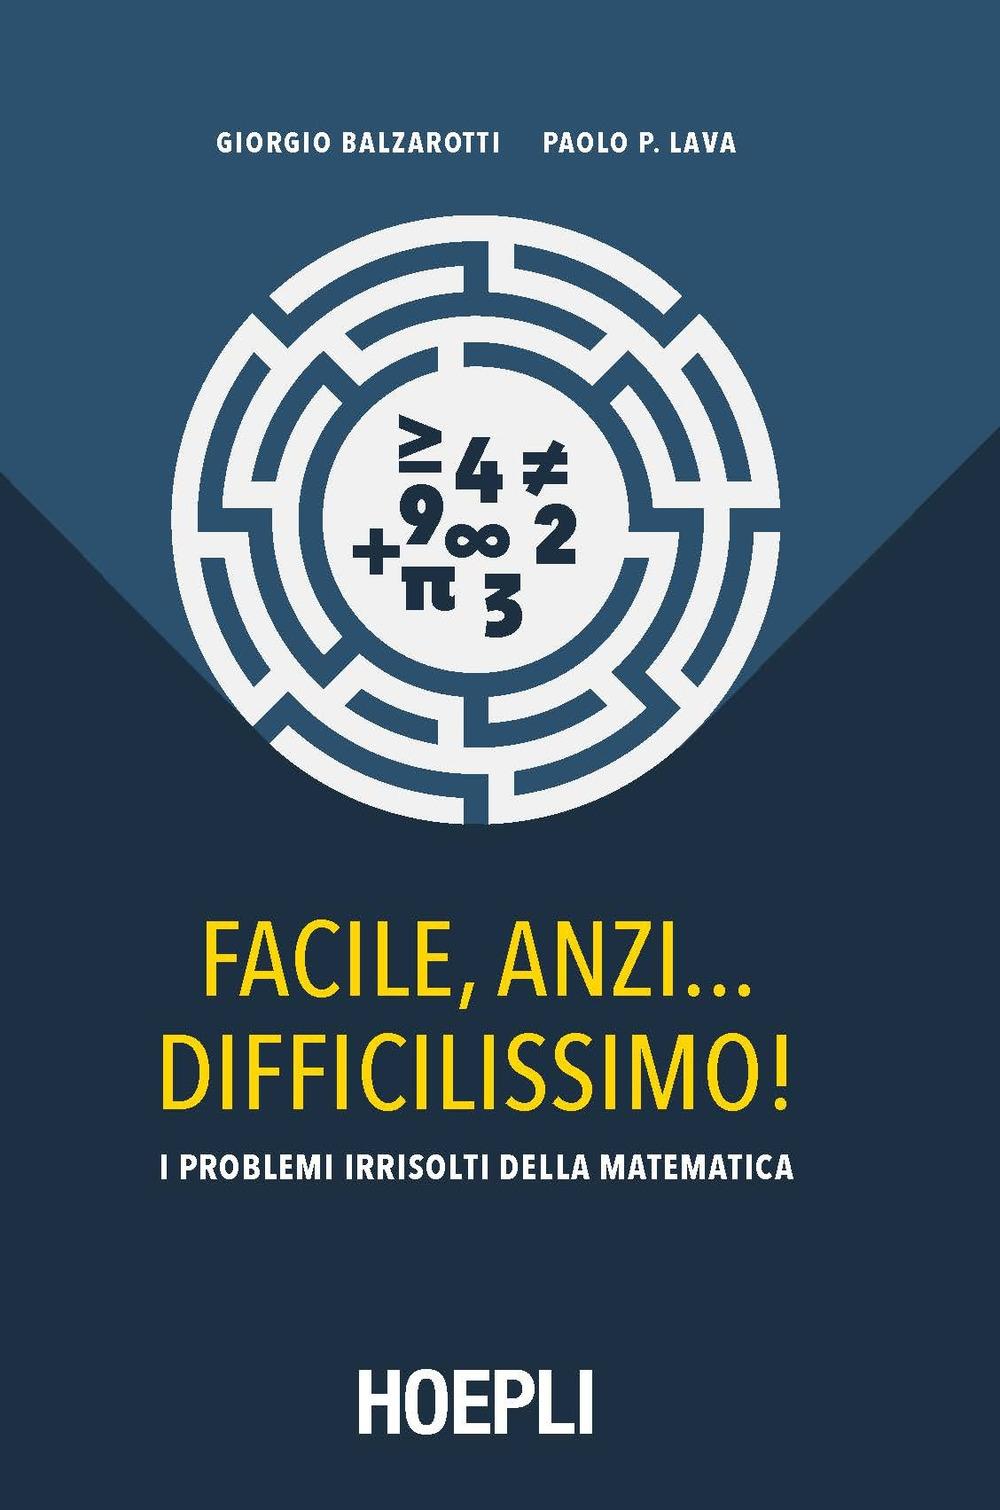 Facile, anzi... difficilissimo! I problemi irrisolti della matematica